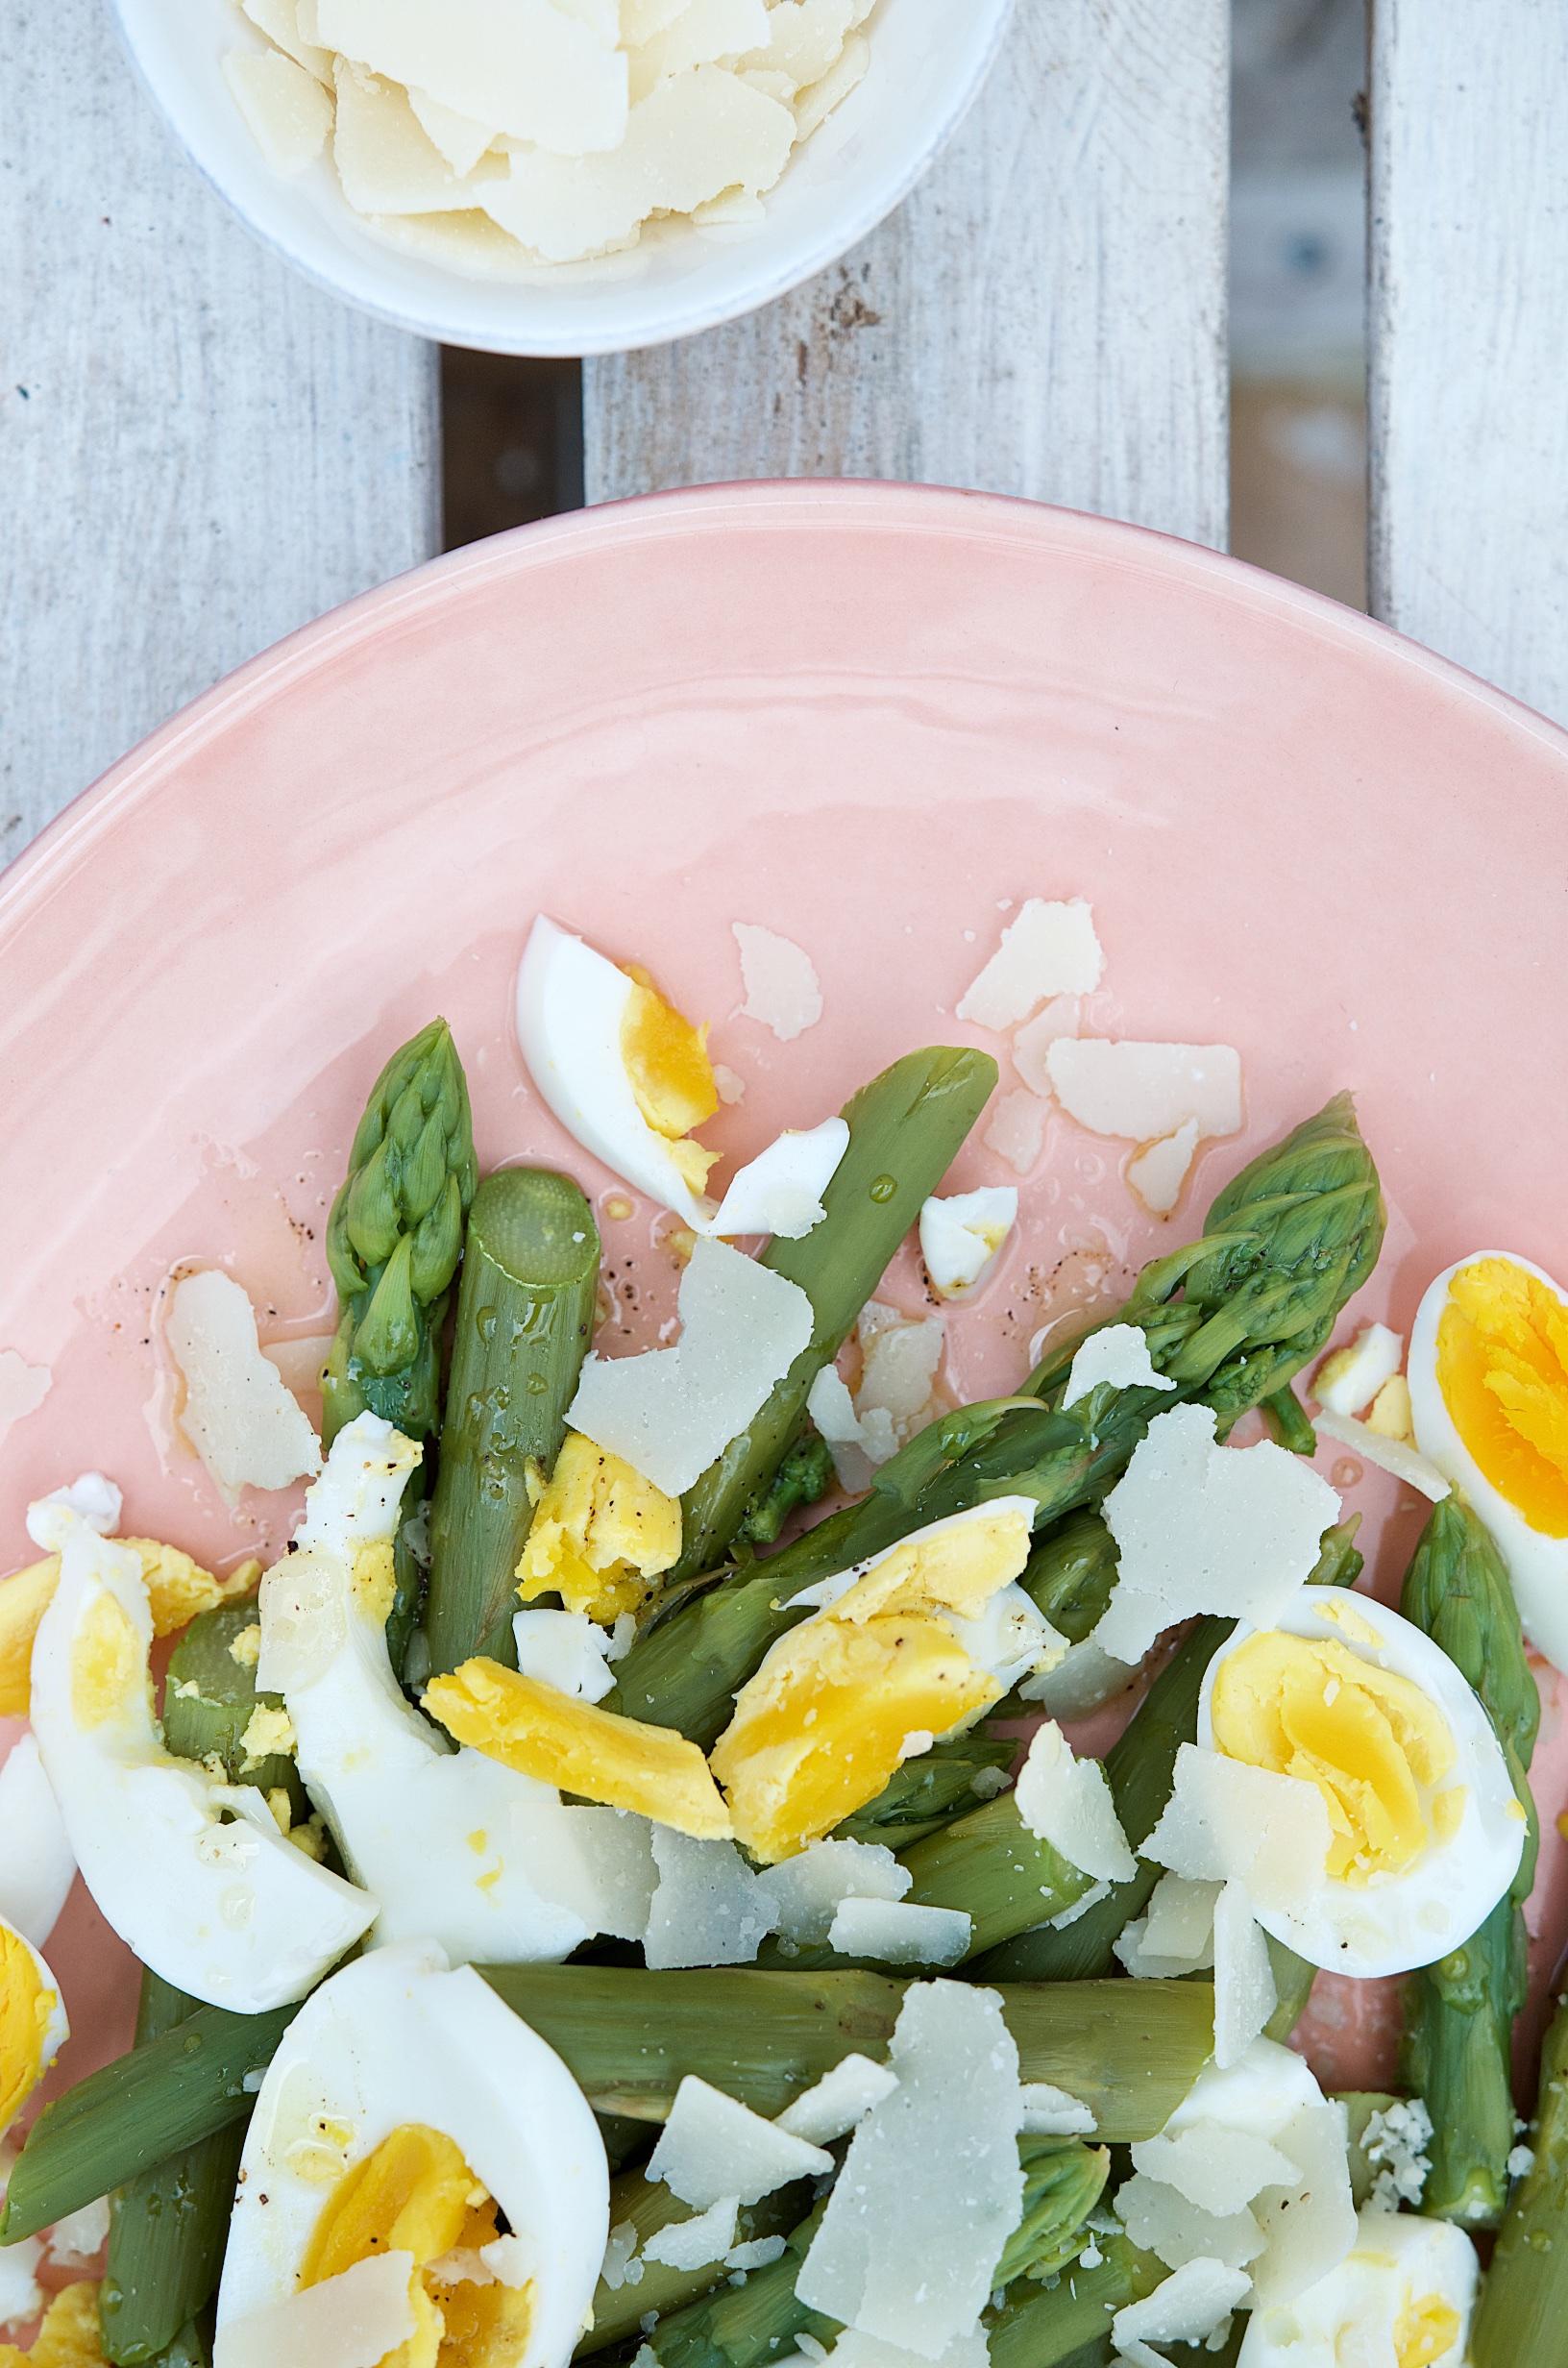 Rezept für Spargel-Salat mit Ei und Parmesan